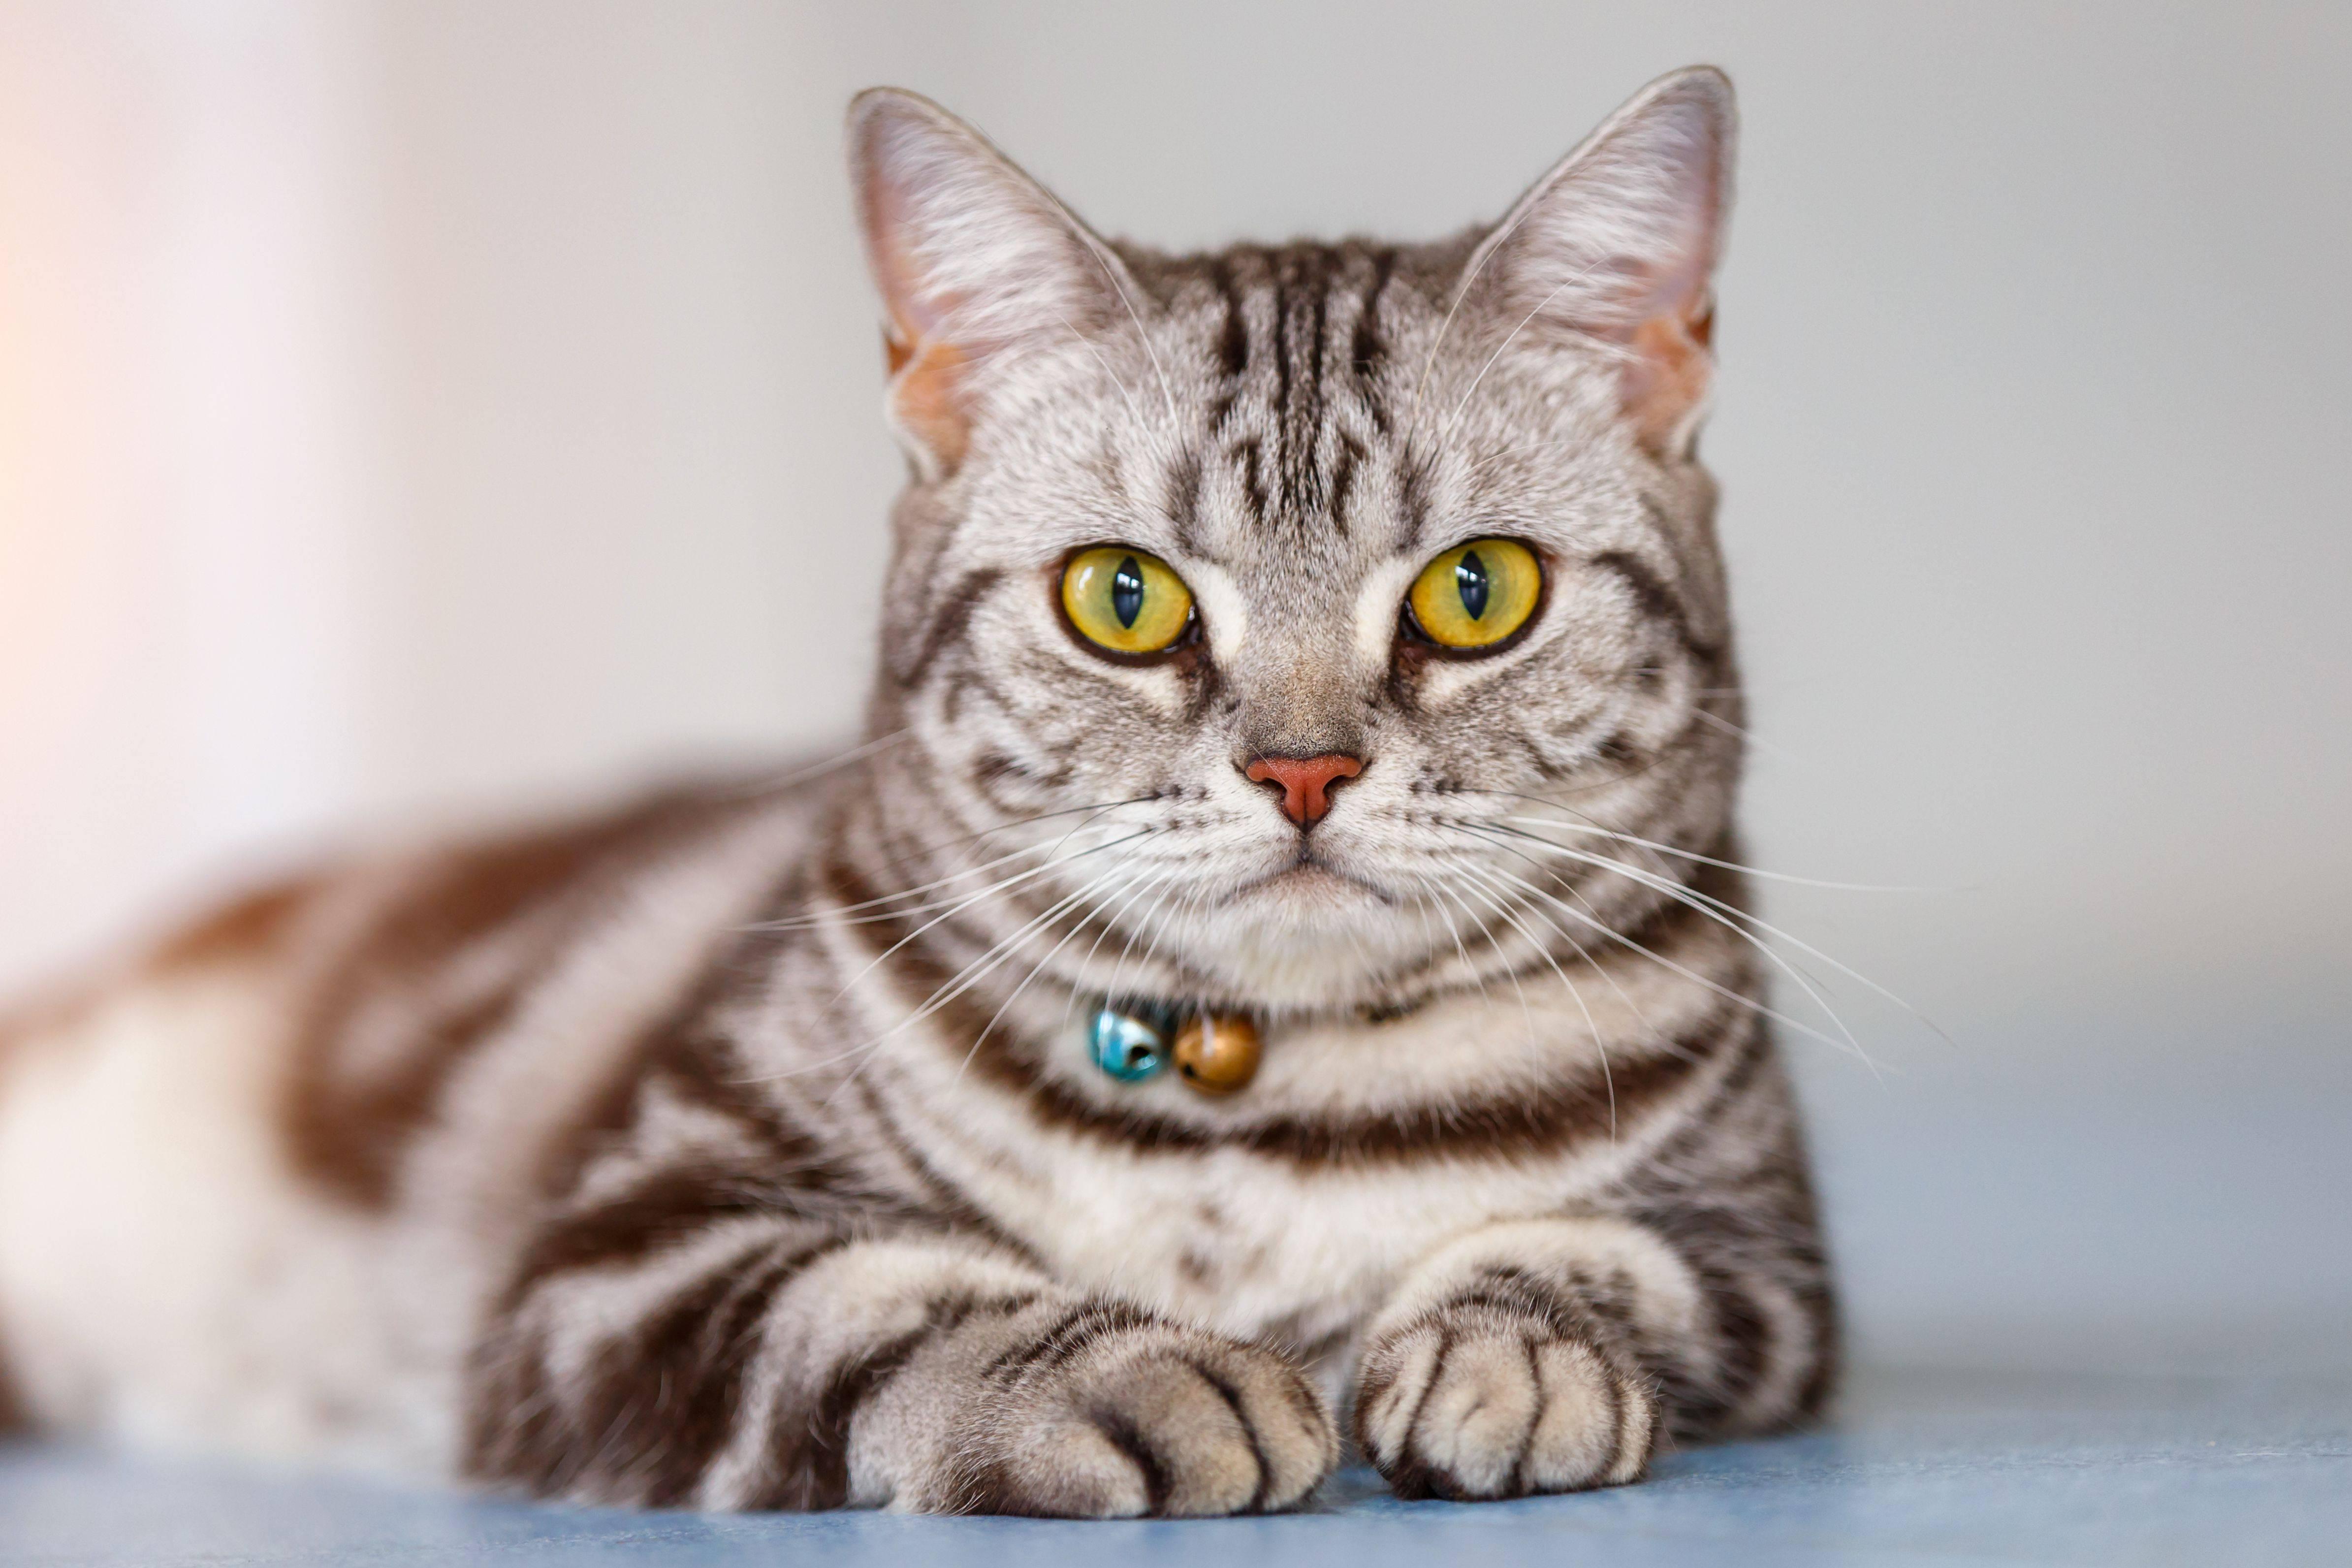 Американская короткошерстная кошка: описание гладкошерстной породы